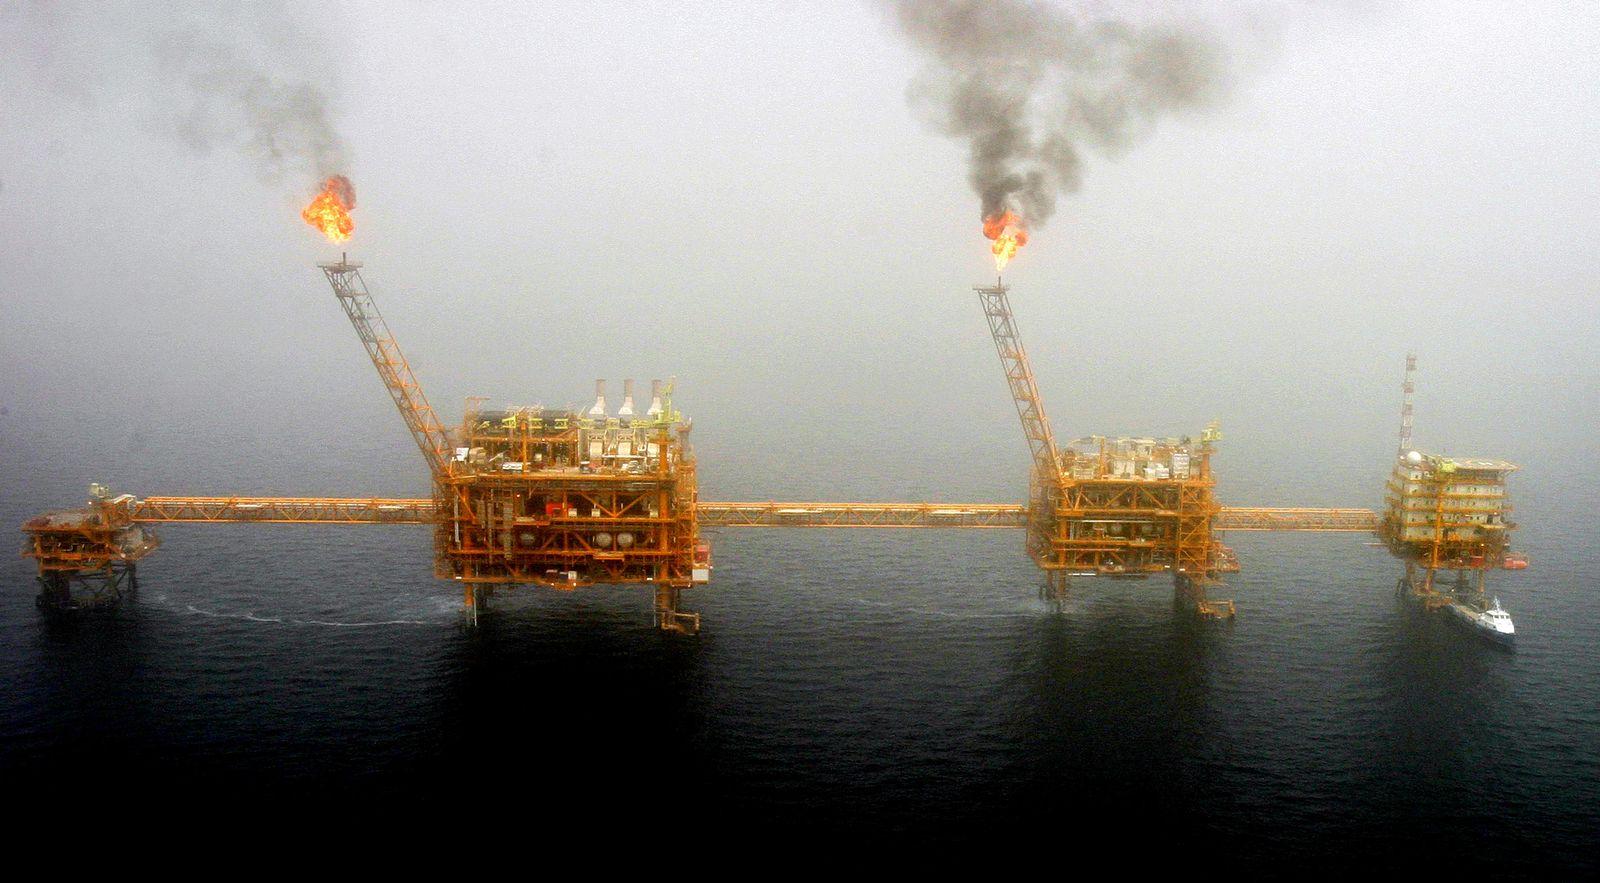 IRAN / Konjunktur / Öl-Industrie